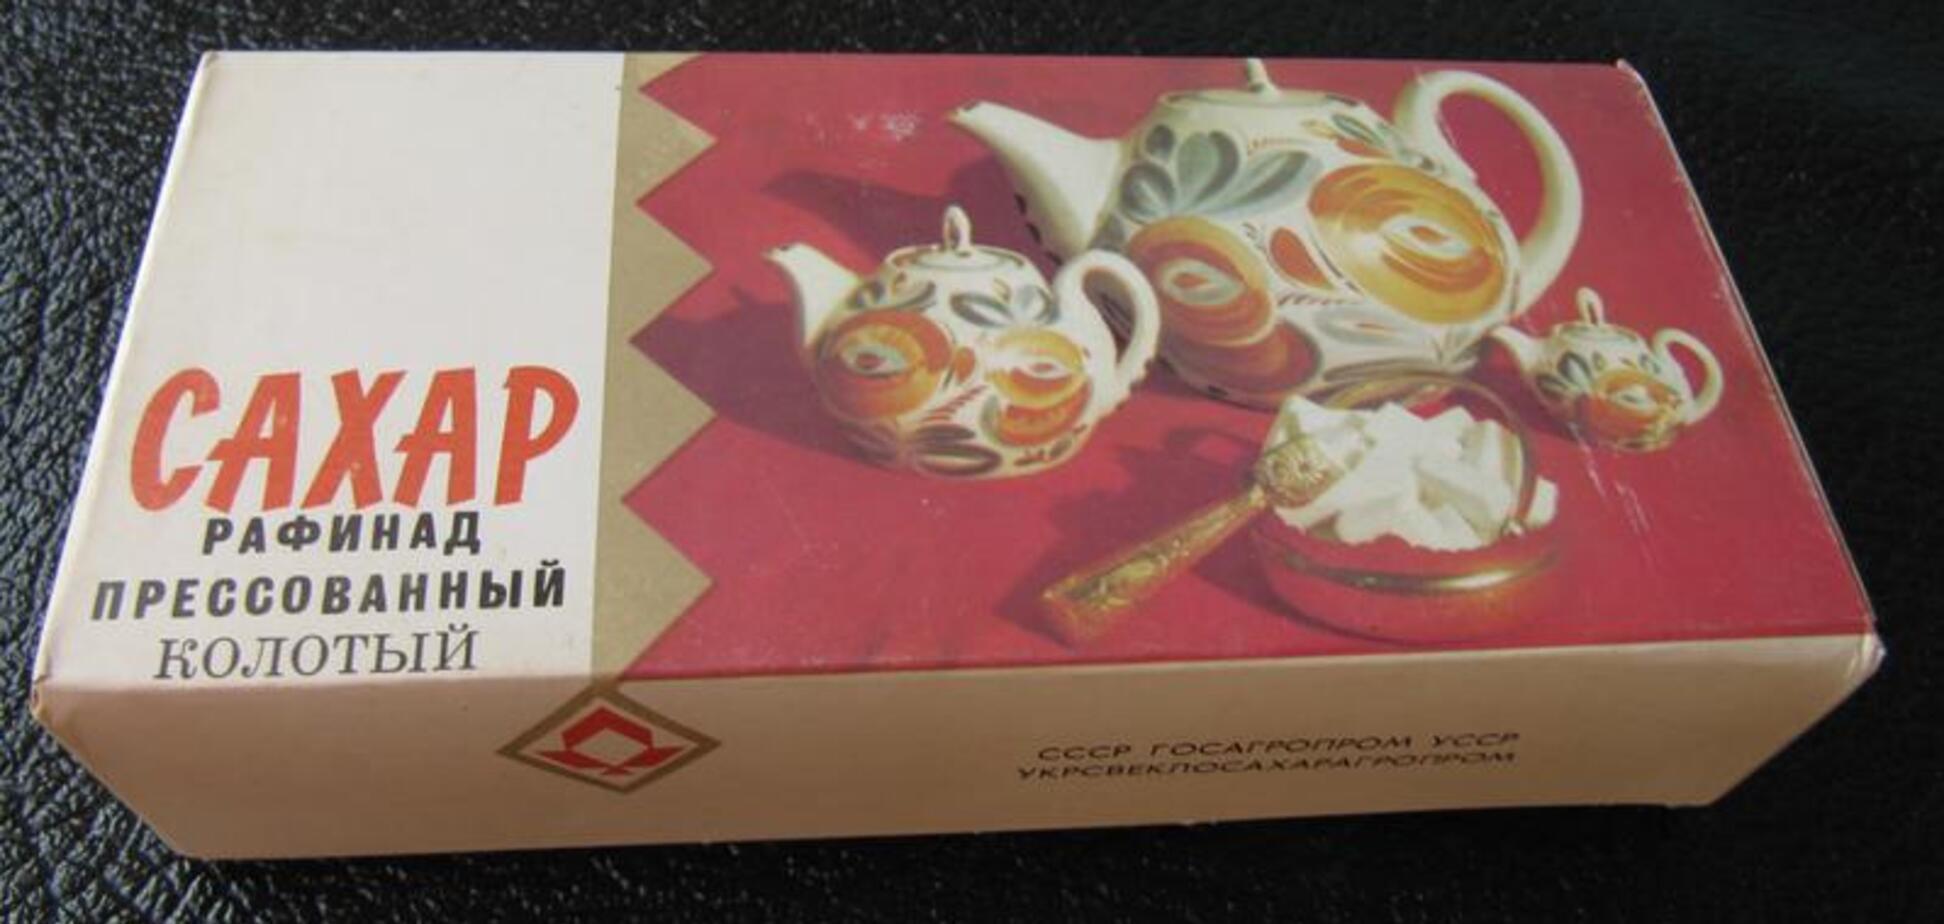 У мережі згадали ціни на продукти в СРСР: кава за ціною зарплати та два види цукру